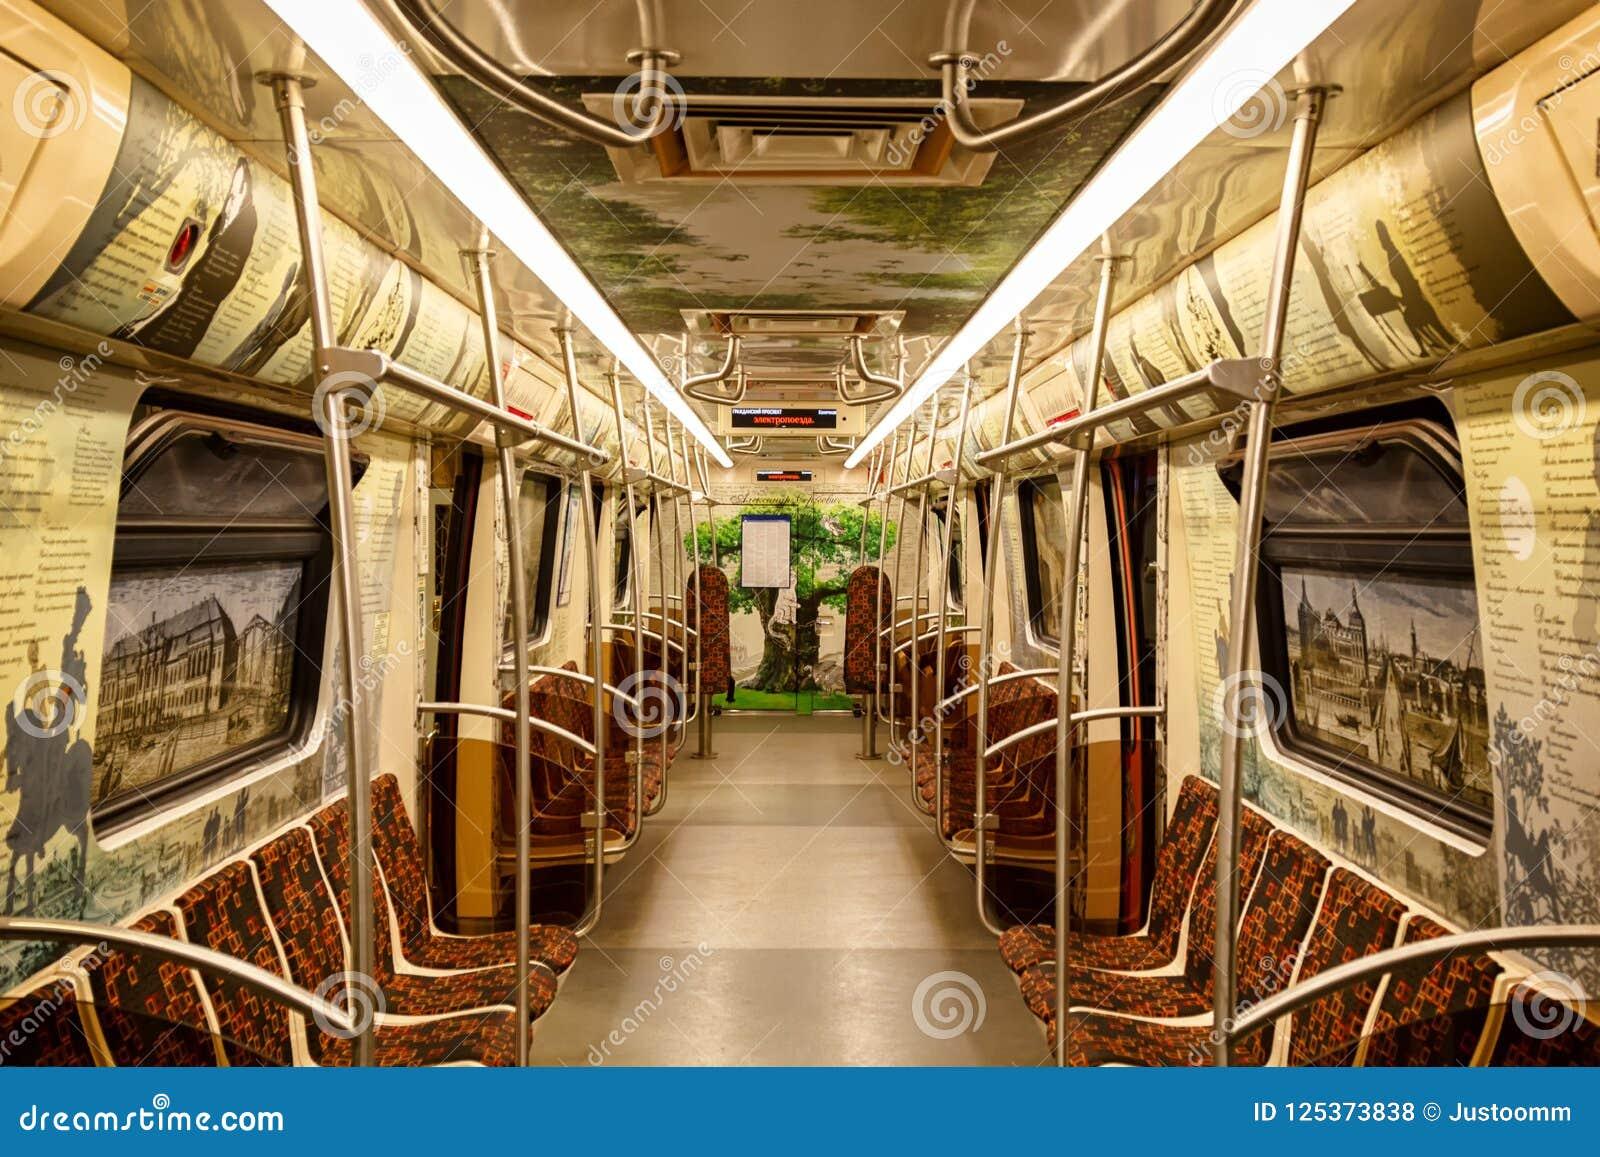 Citaten Uit Literatuur : St. petersburg rusland juli 28 2018: literaire trein metroauto